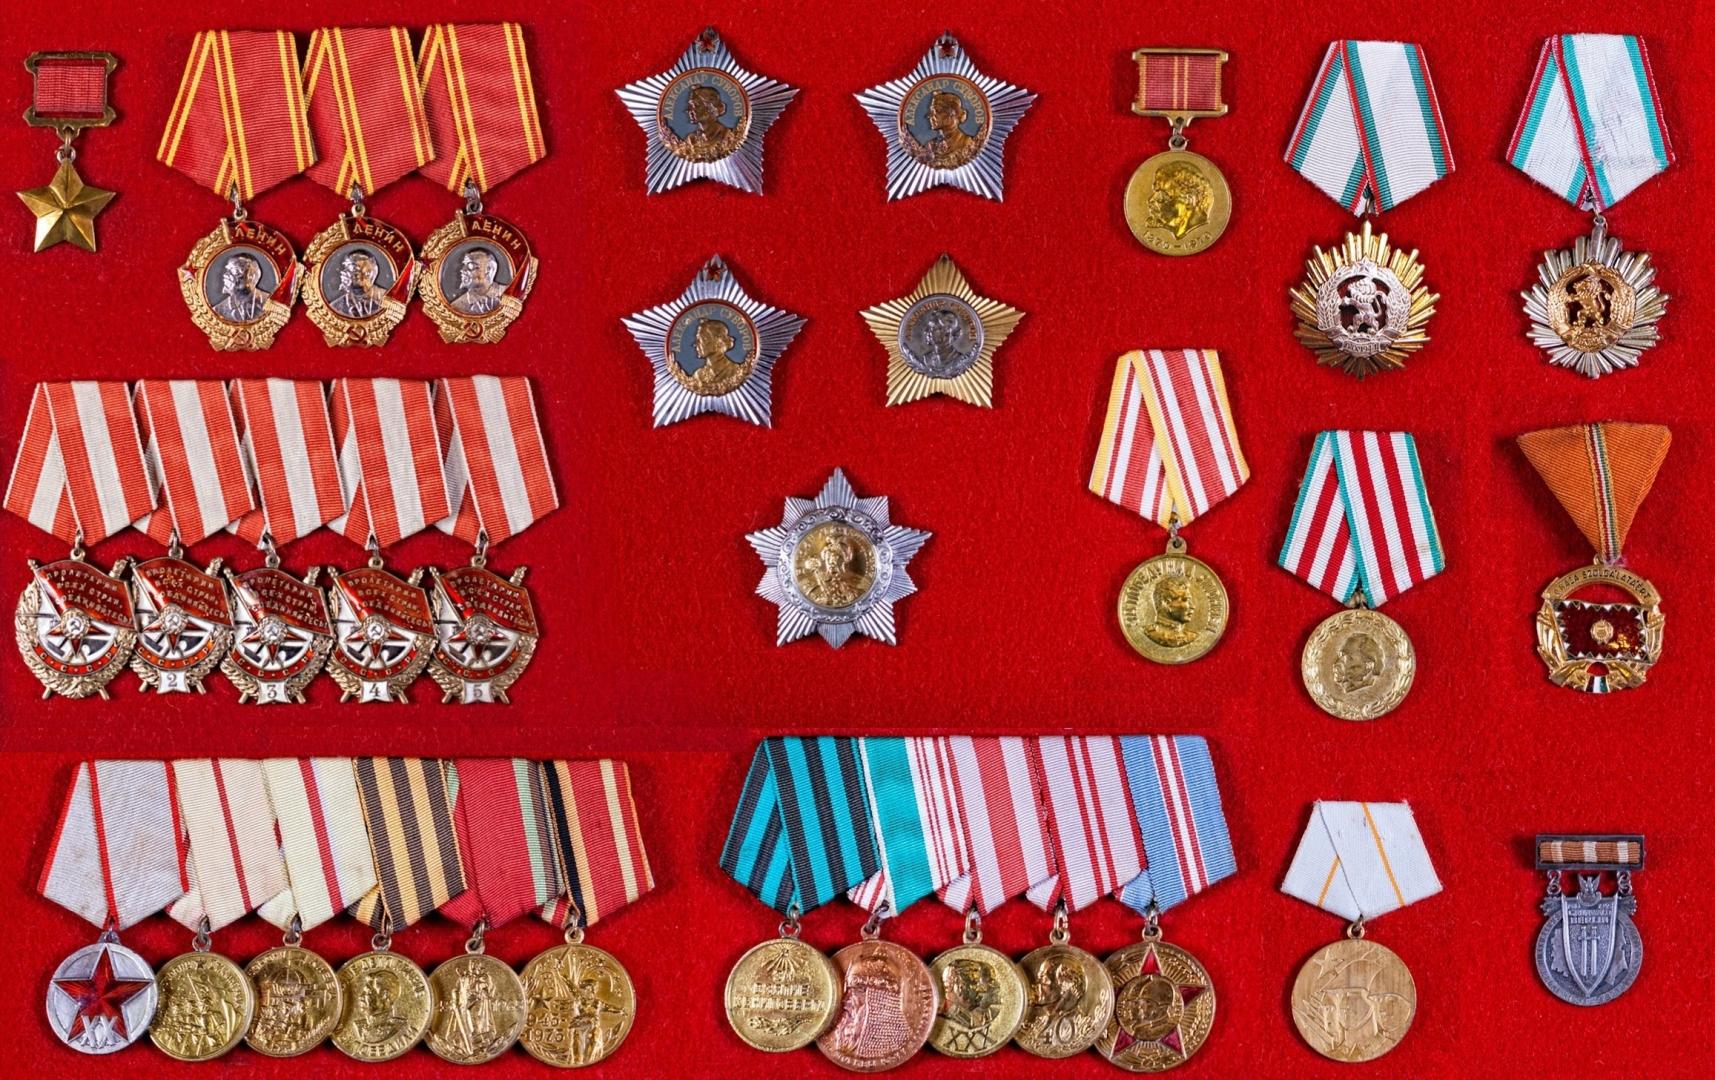 все медали и ордена в картинках любителей ультралайта